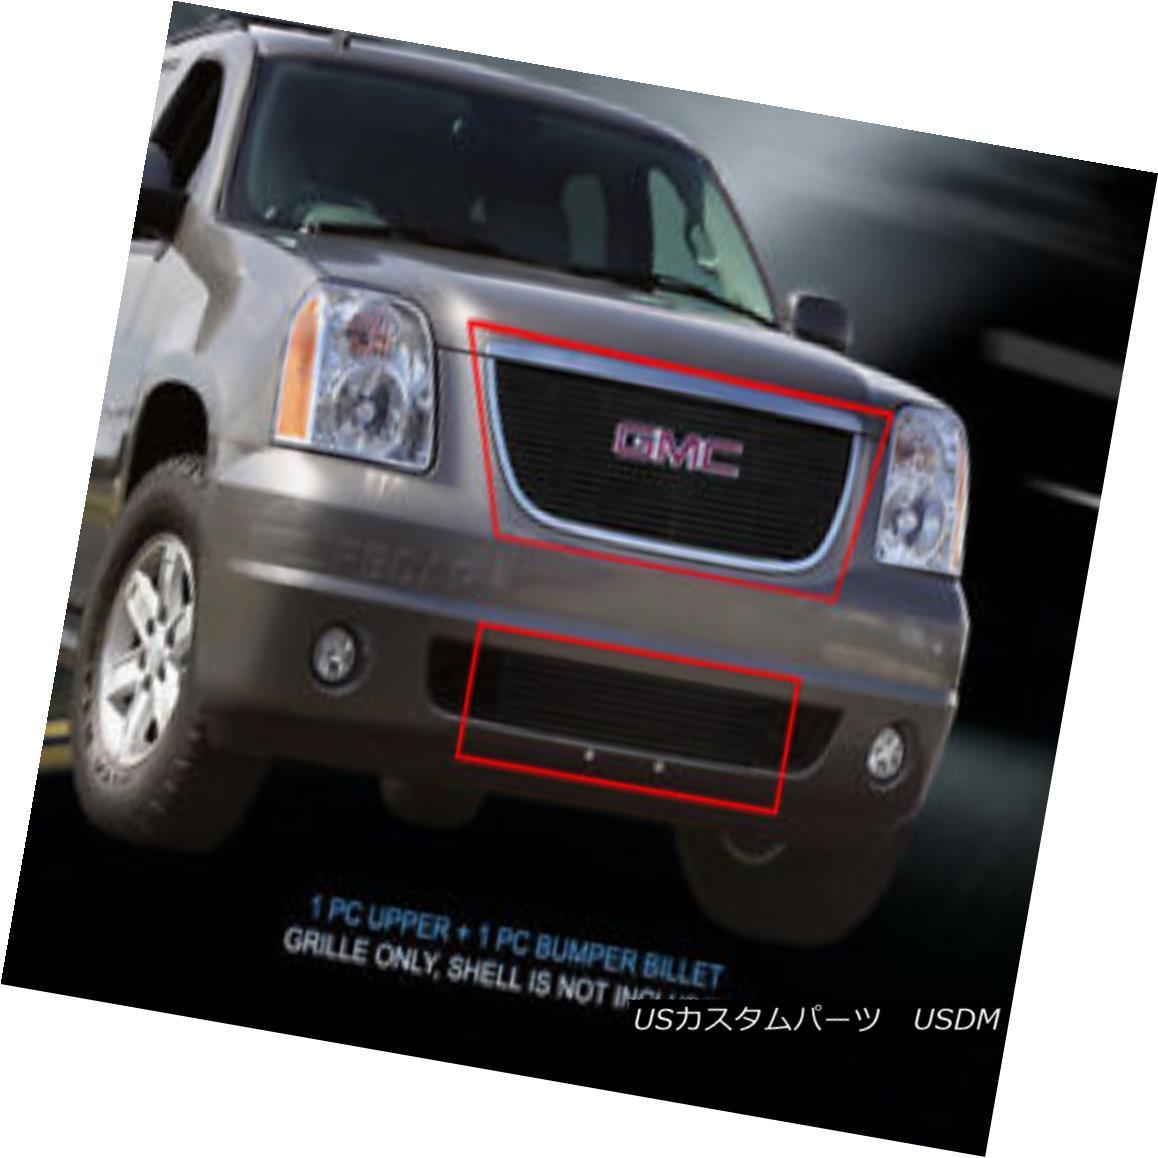 グリル Fedar Fits 2007-2013 GMC Yukon Black Billet Grille Insert Fedar Fits 2007-2013 GMC Yukonブラックビレットグリルインサート